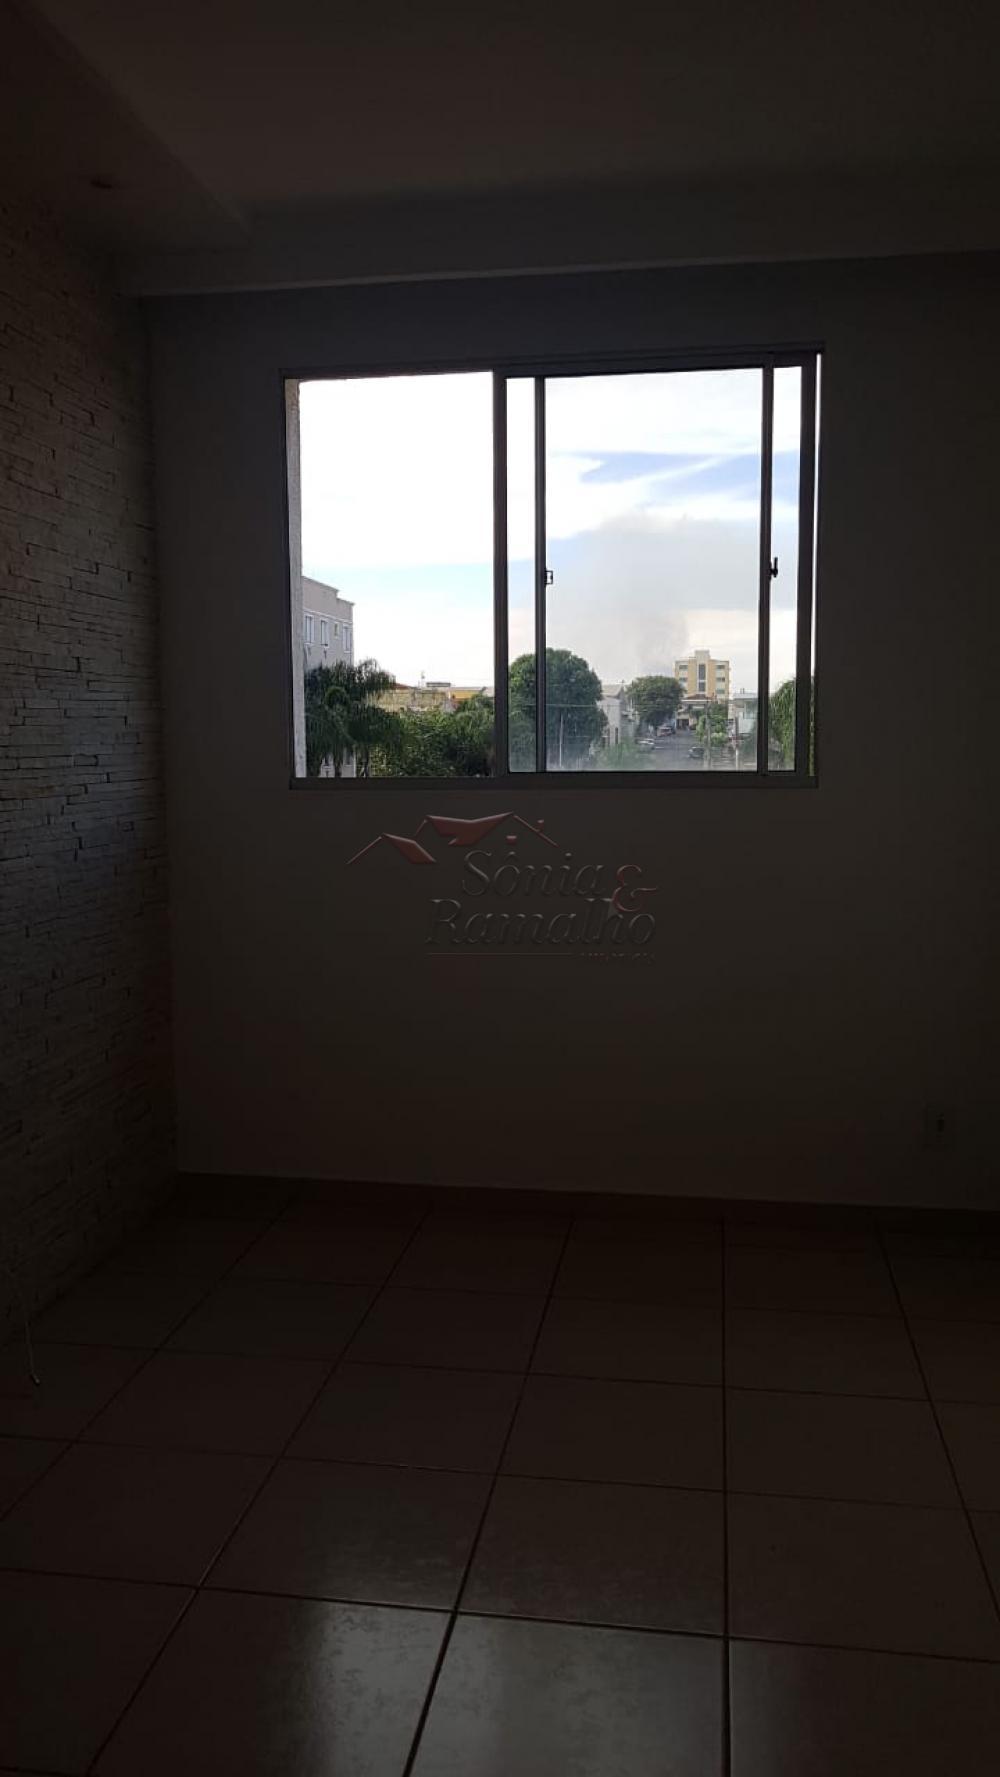 Alugar Apartamentos / Padrão em Ribeirão Preto apenas R$ 1.150,00 - Foto 3